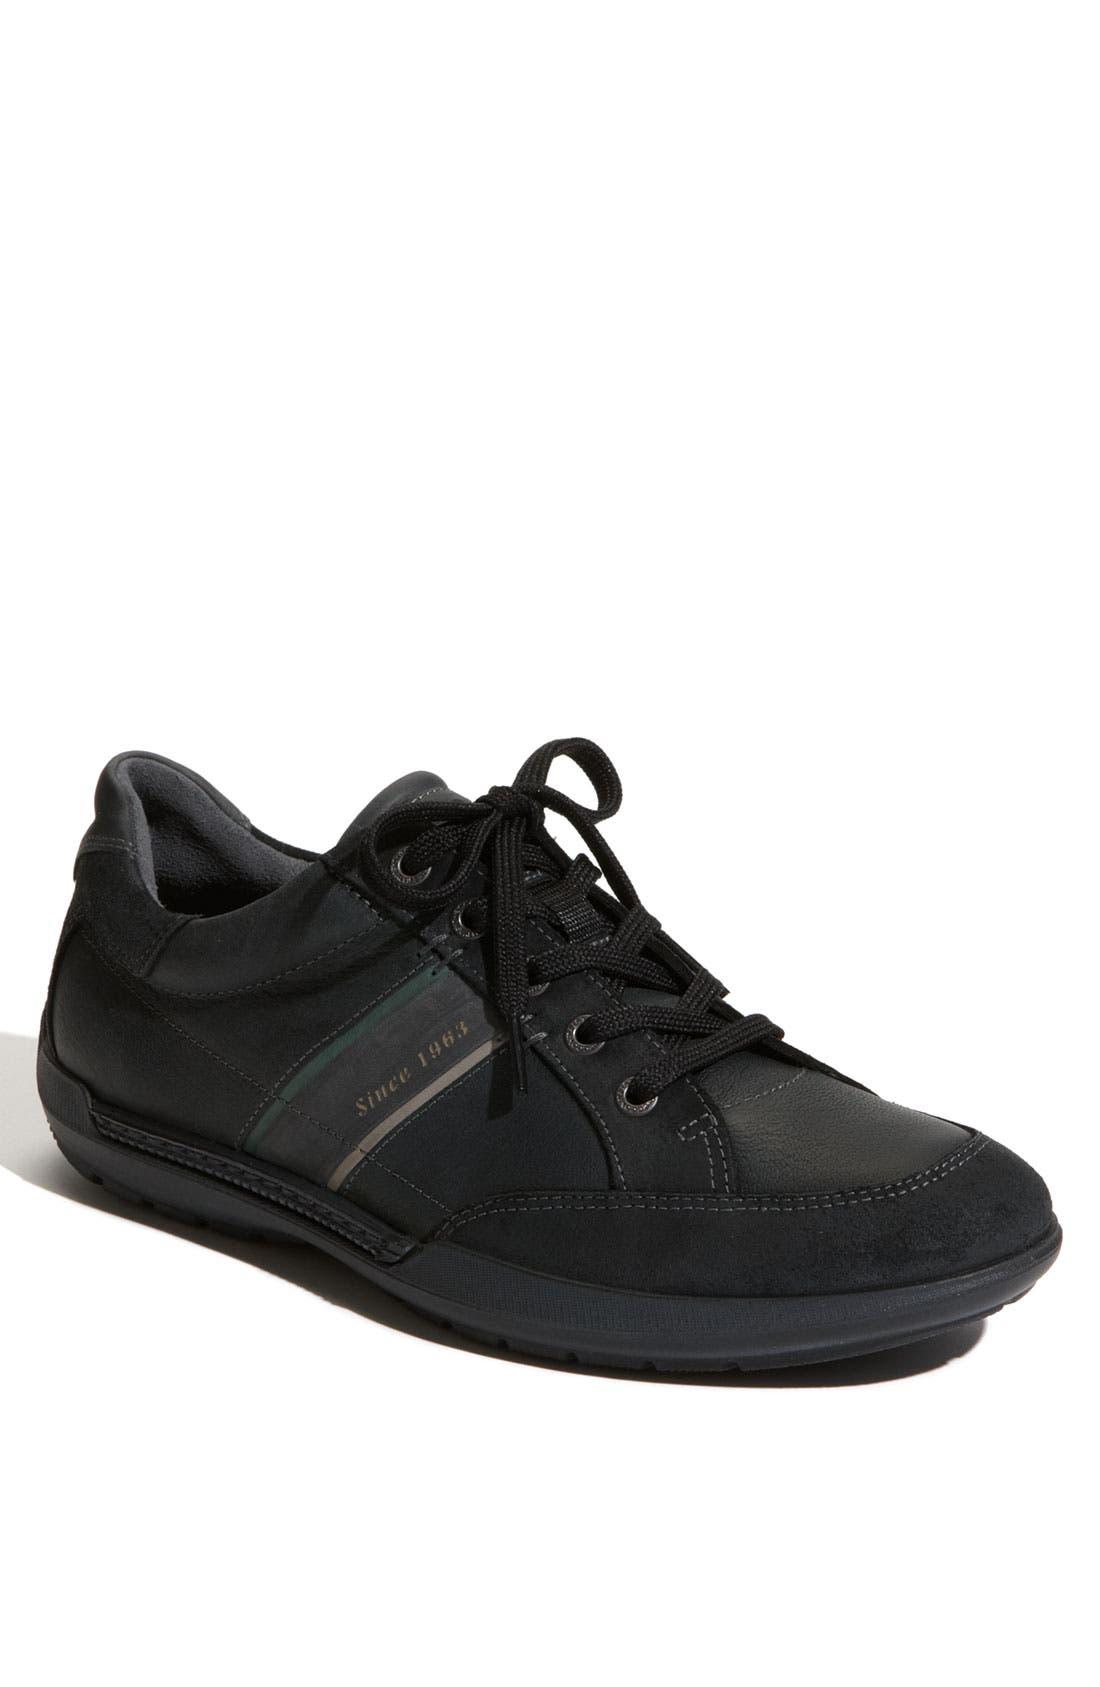 Main Image - ECCO 'Welt II' Sneaker